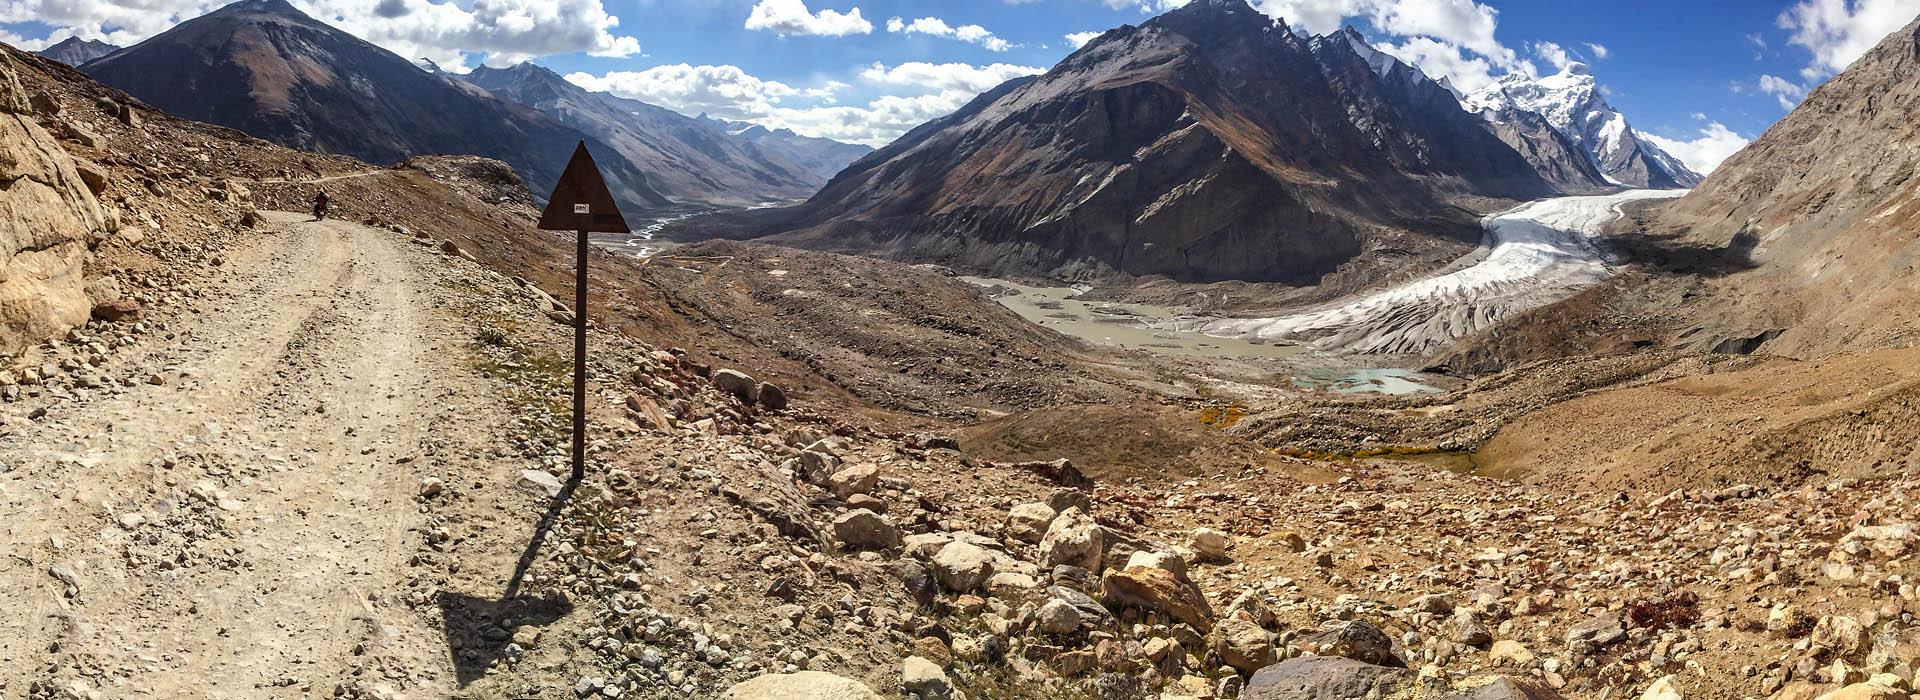 Motorreis van Travel 2 Explore door de Himalaya en de Zanskarvallei